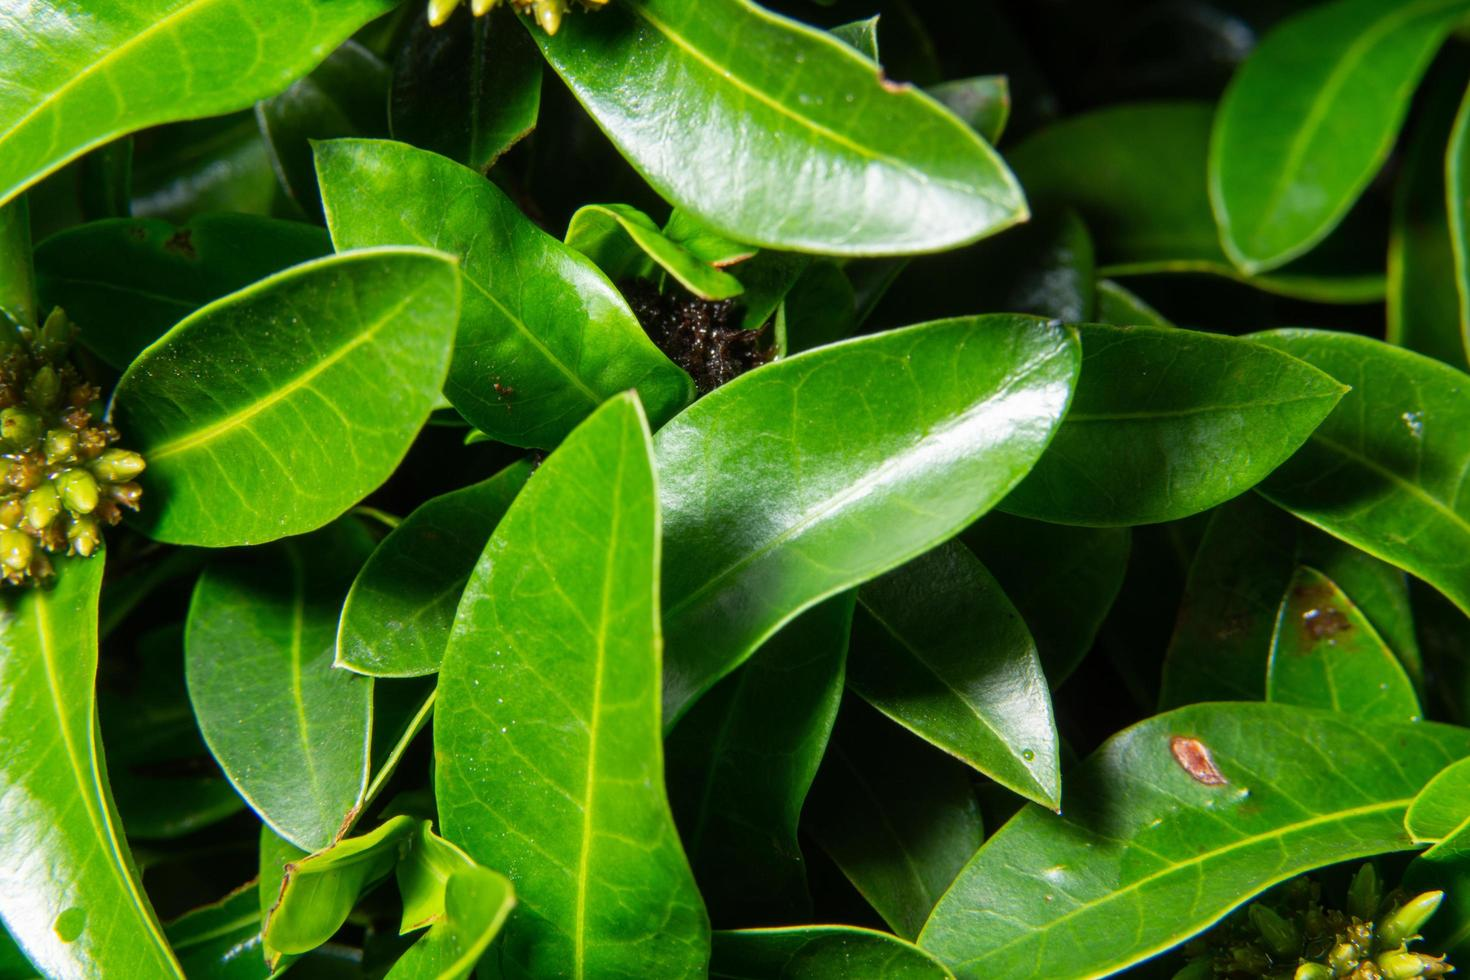 grön växtbakgrund foto